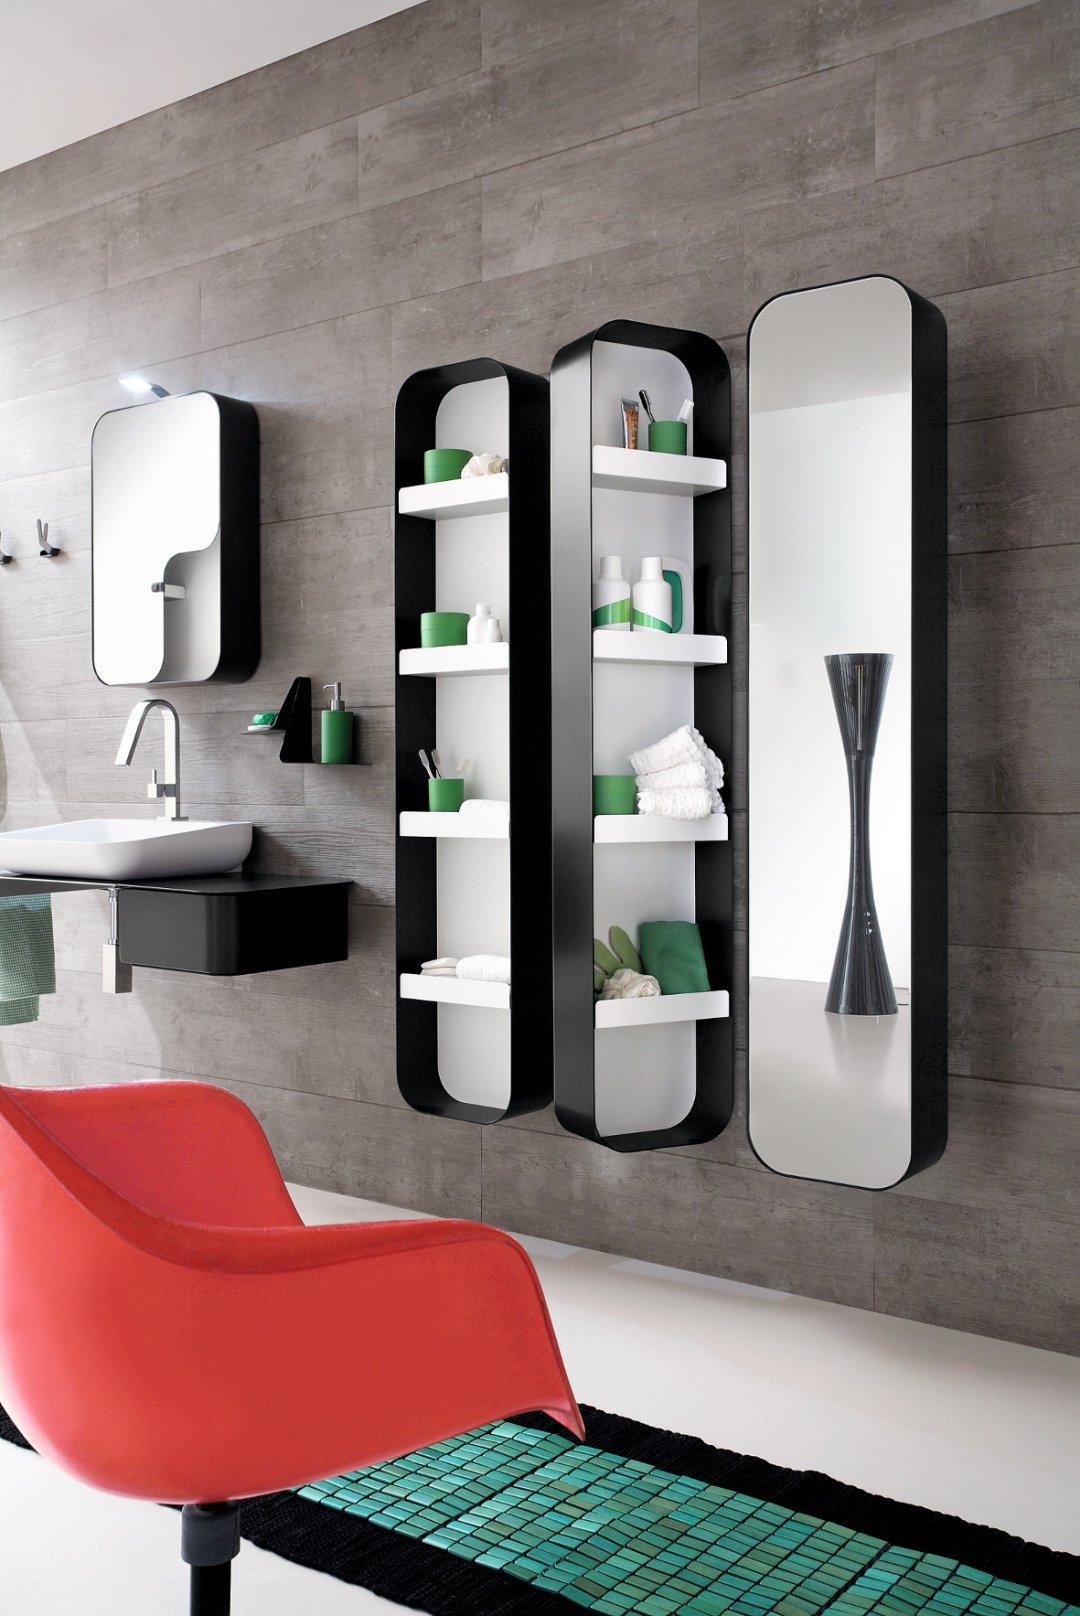 Top 10 Modern Bathroom Storage | Design Necessities Bath